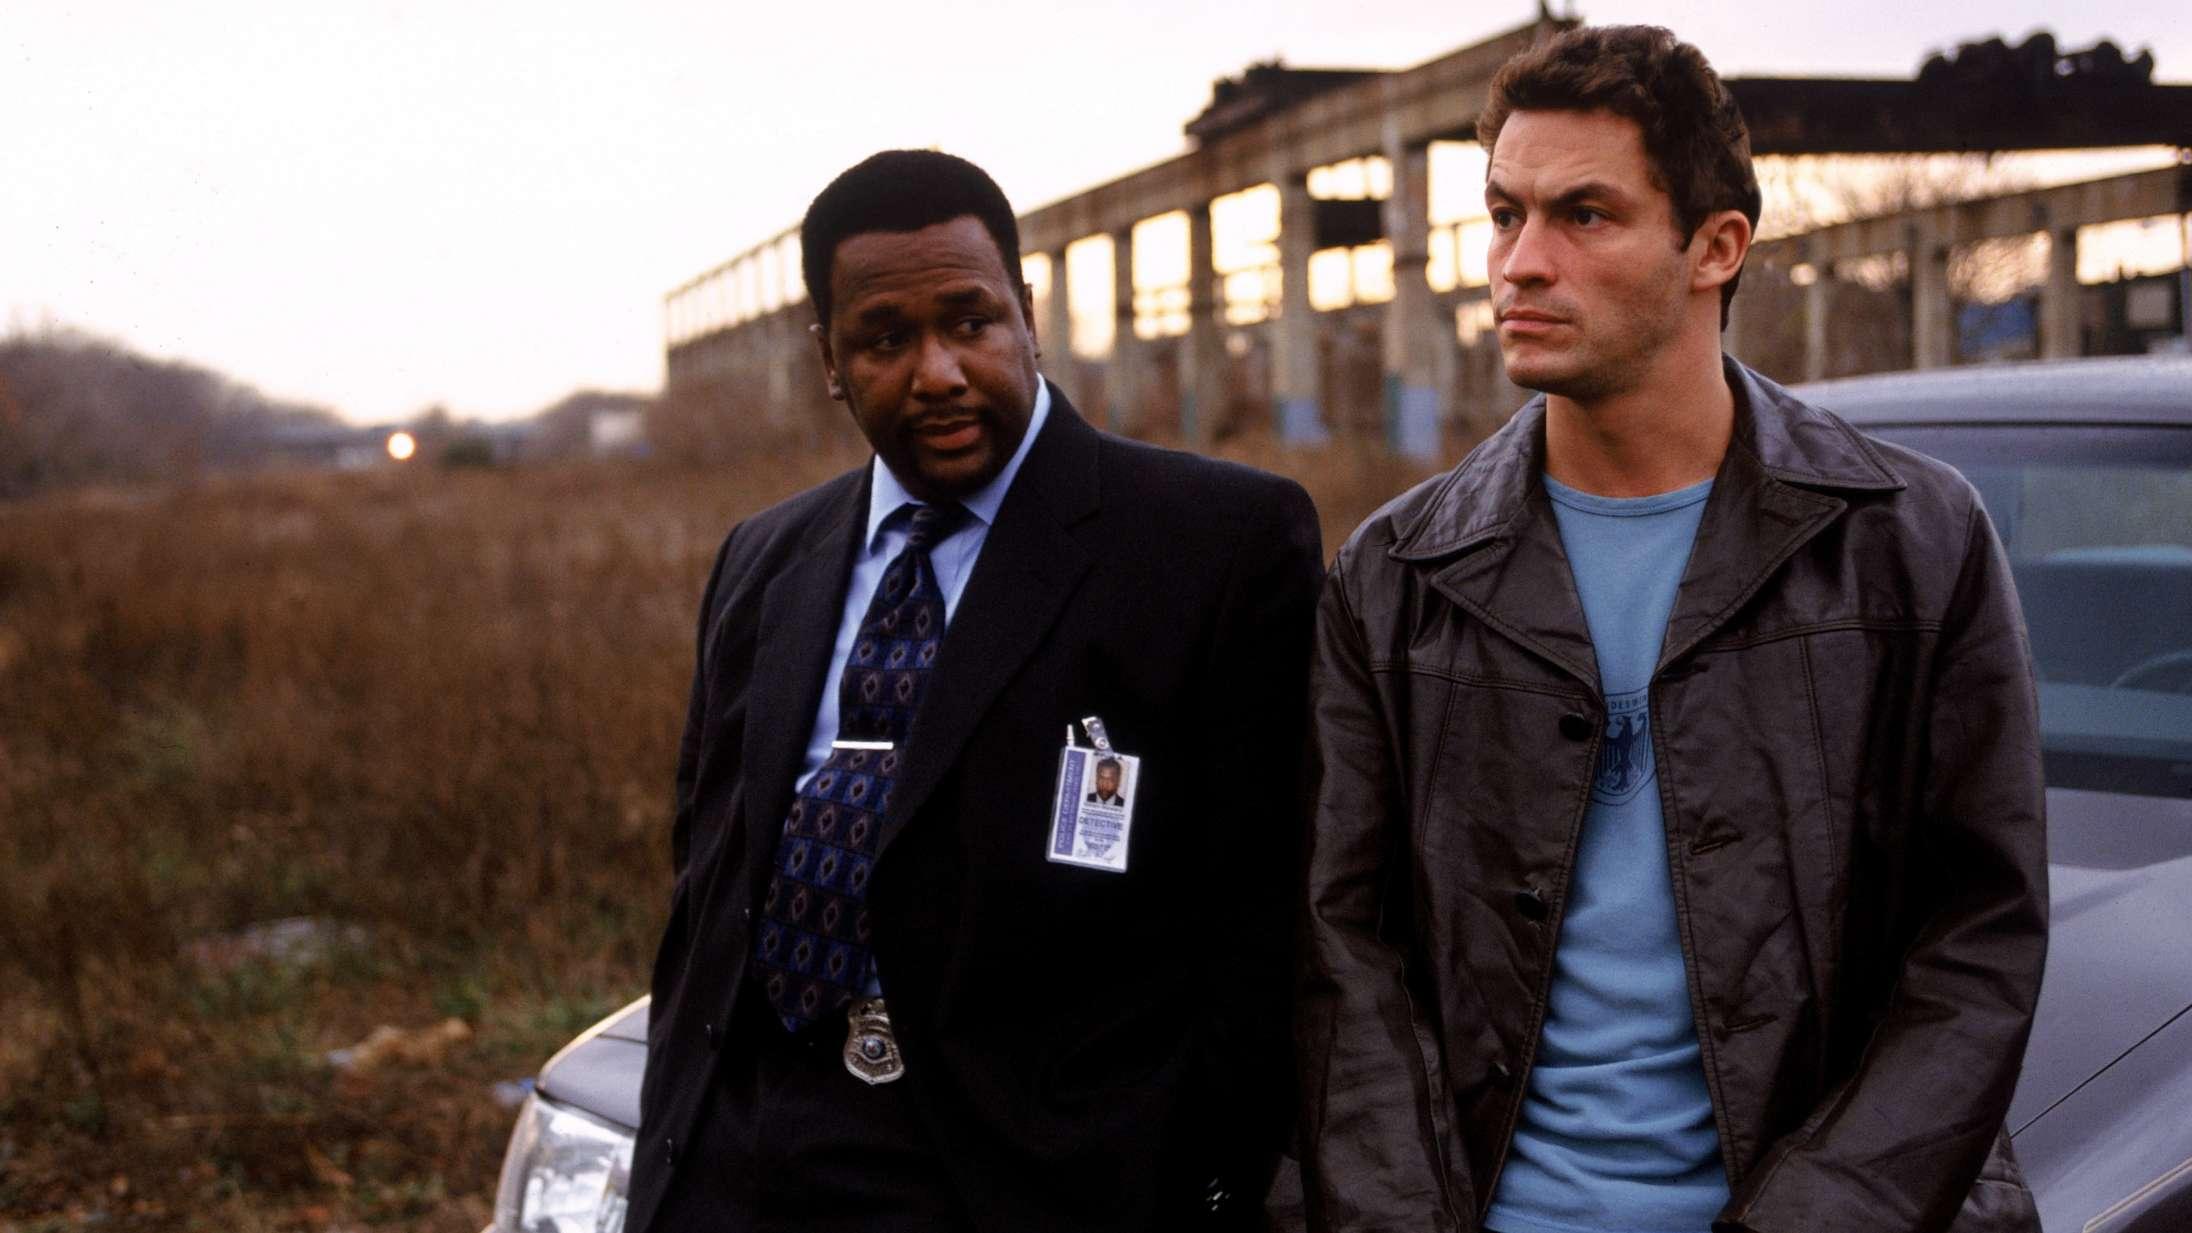 Ikke flere bad boys for life: Er Hollywood klar til at gøre op med glorificeret politivold?